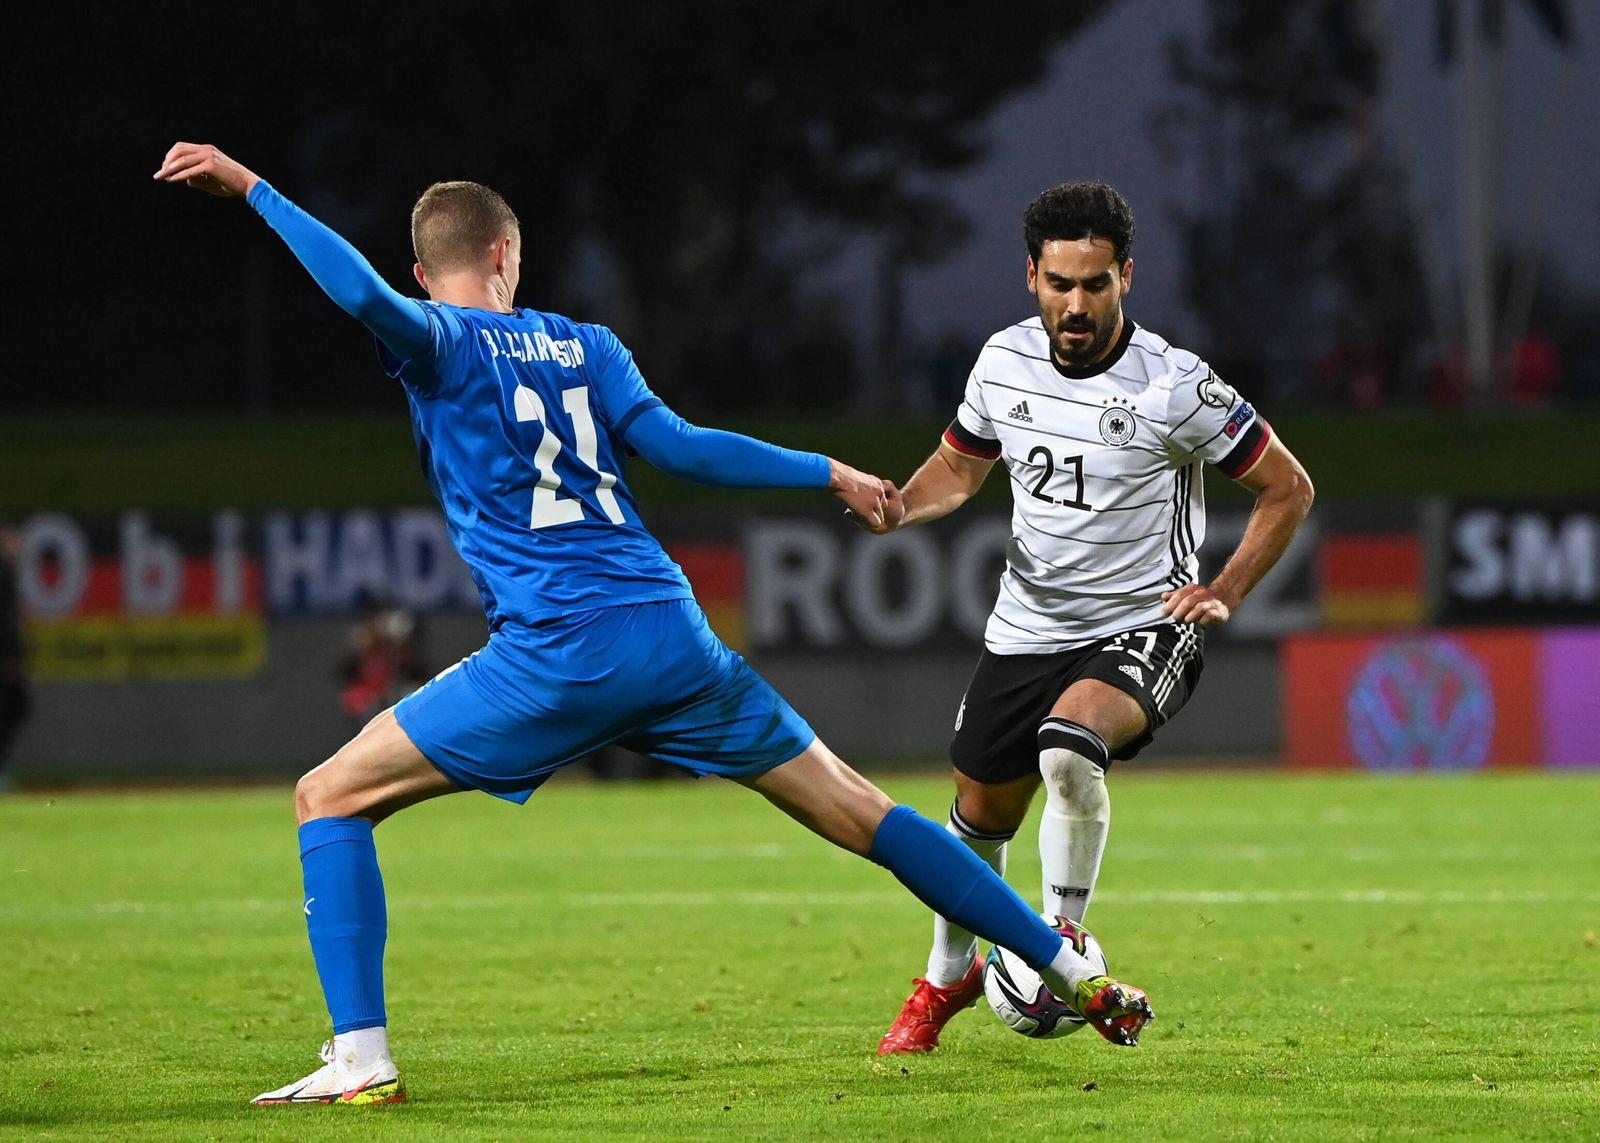 Fussball, Herren, Saison 2020/21, WM-Qualifikation (Gruppe J, 6. Spieltag) in Reykjavik, Island - Deutschland, v. l. Br